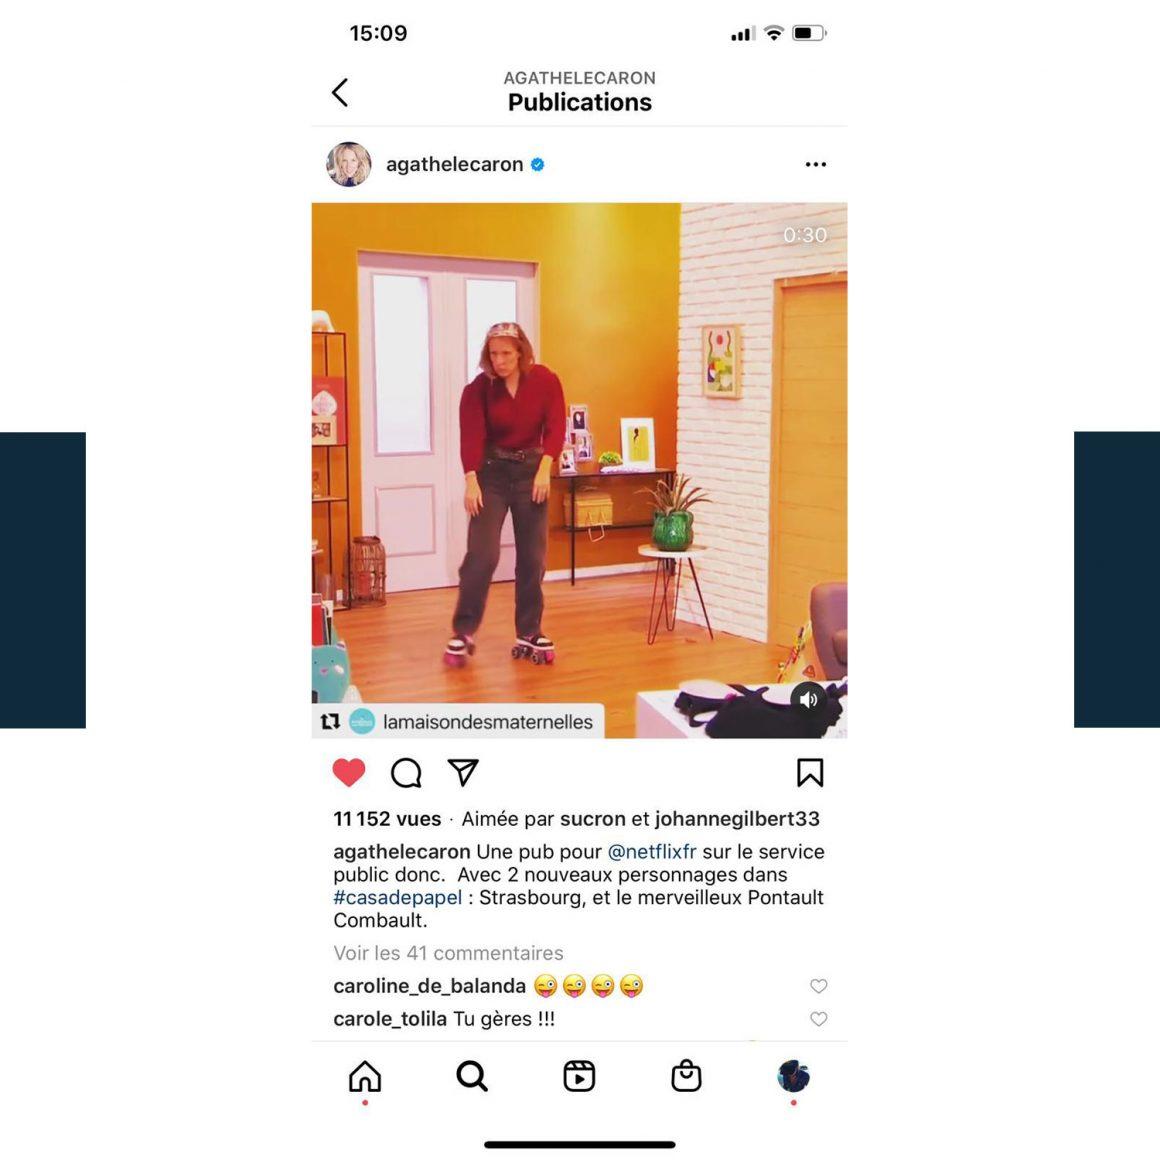 Capture d'écran du compte Instagram @agathelecaron